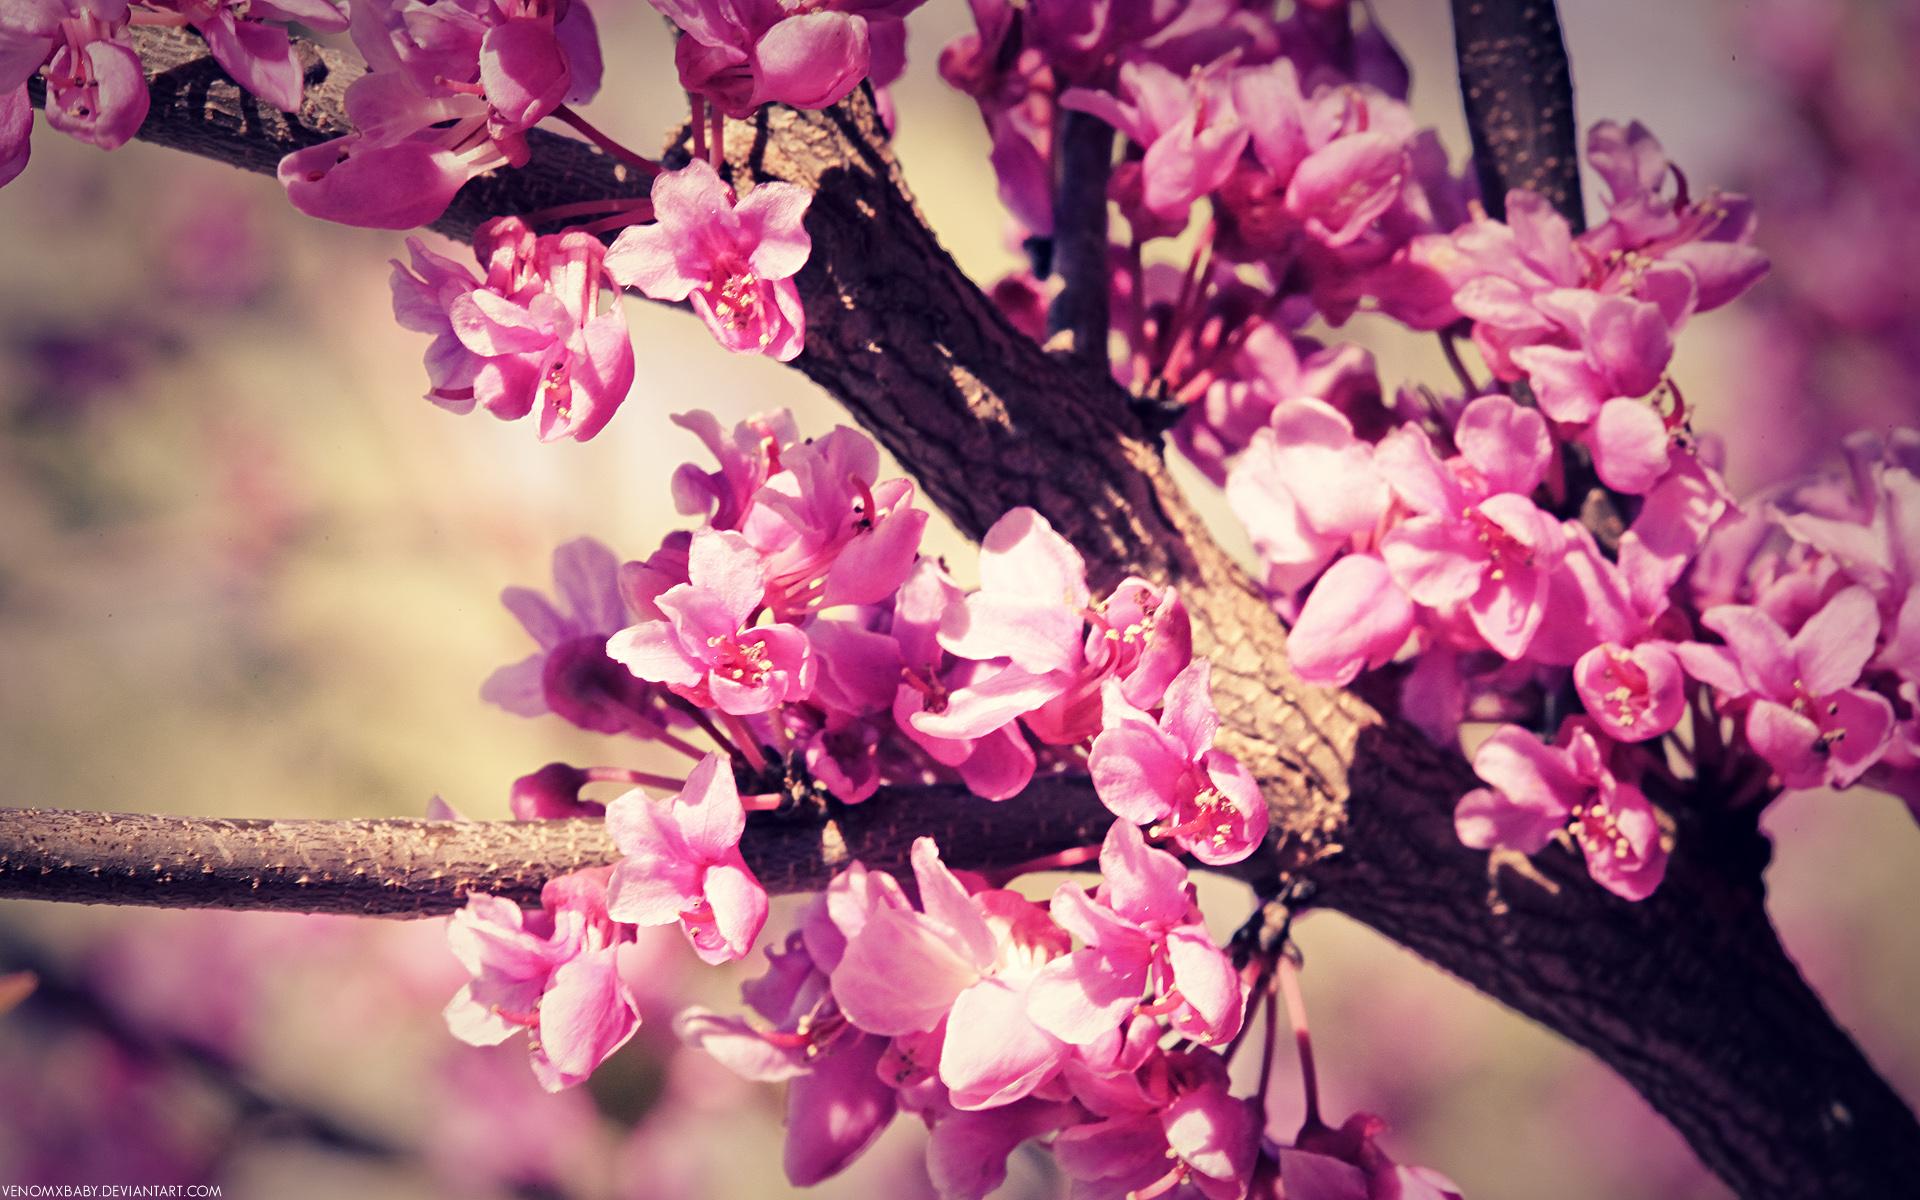 Flowers wallflower